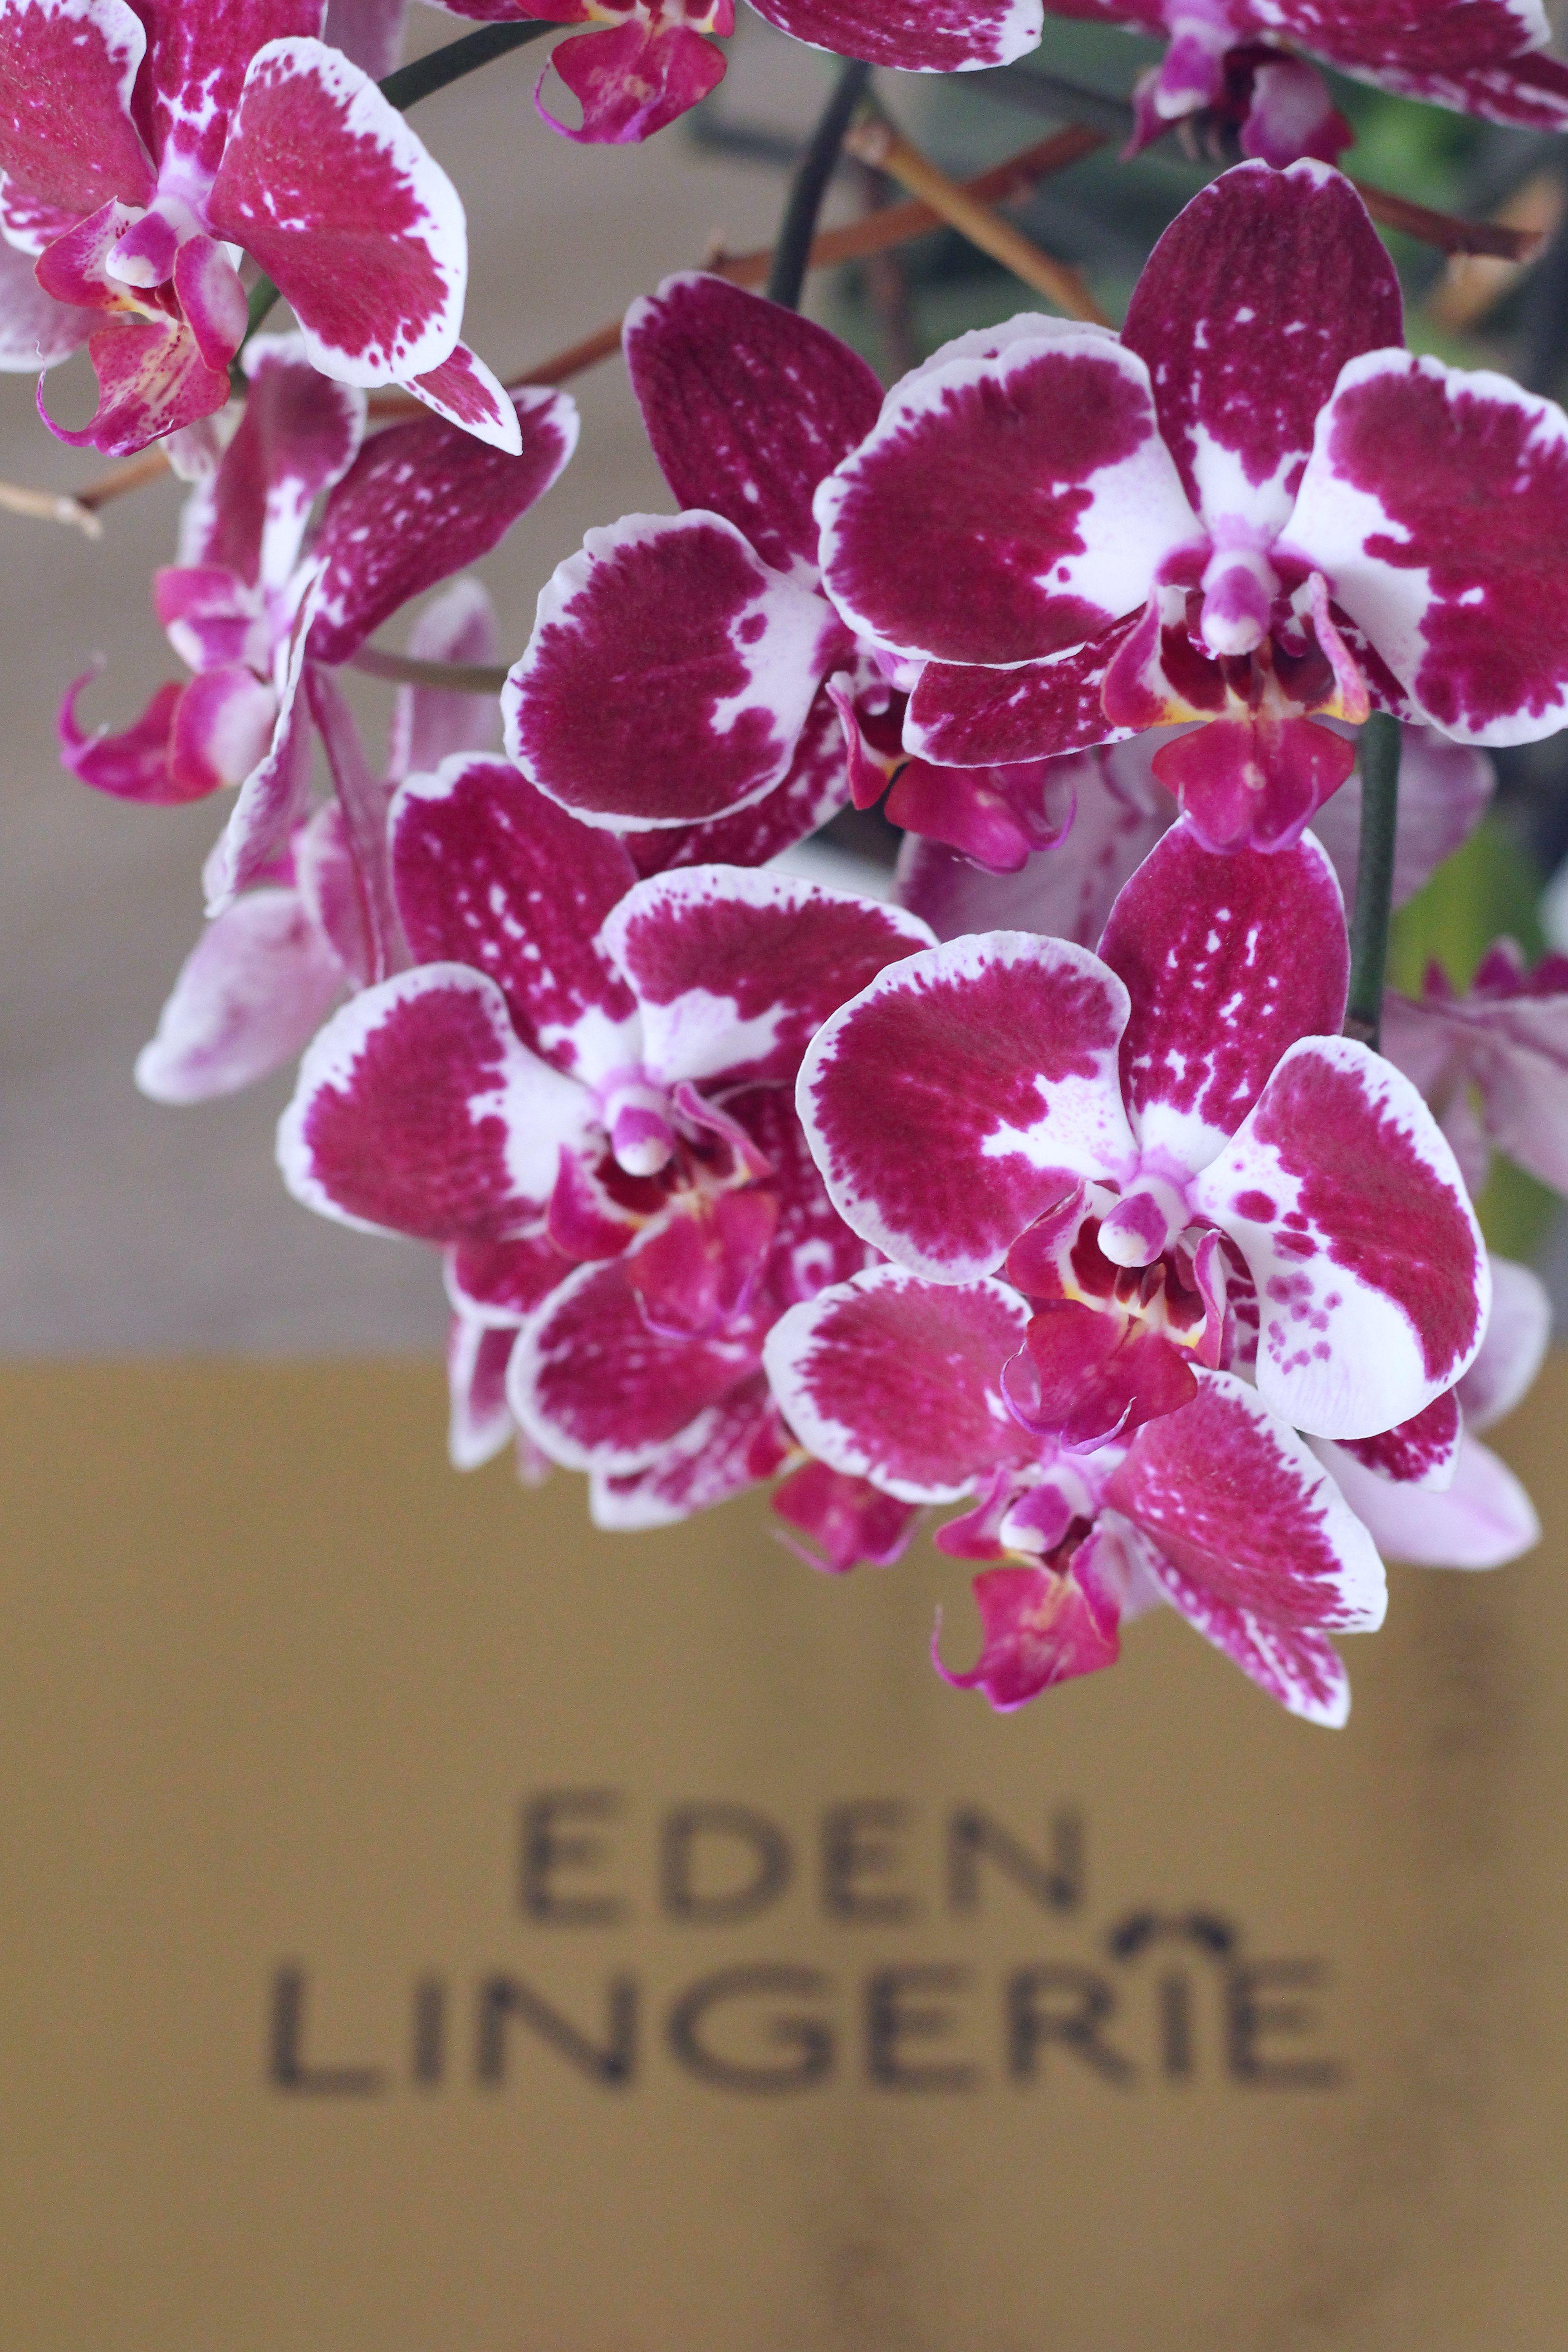 orhidee eden lingerie